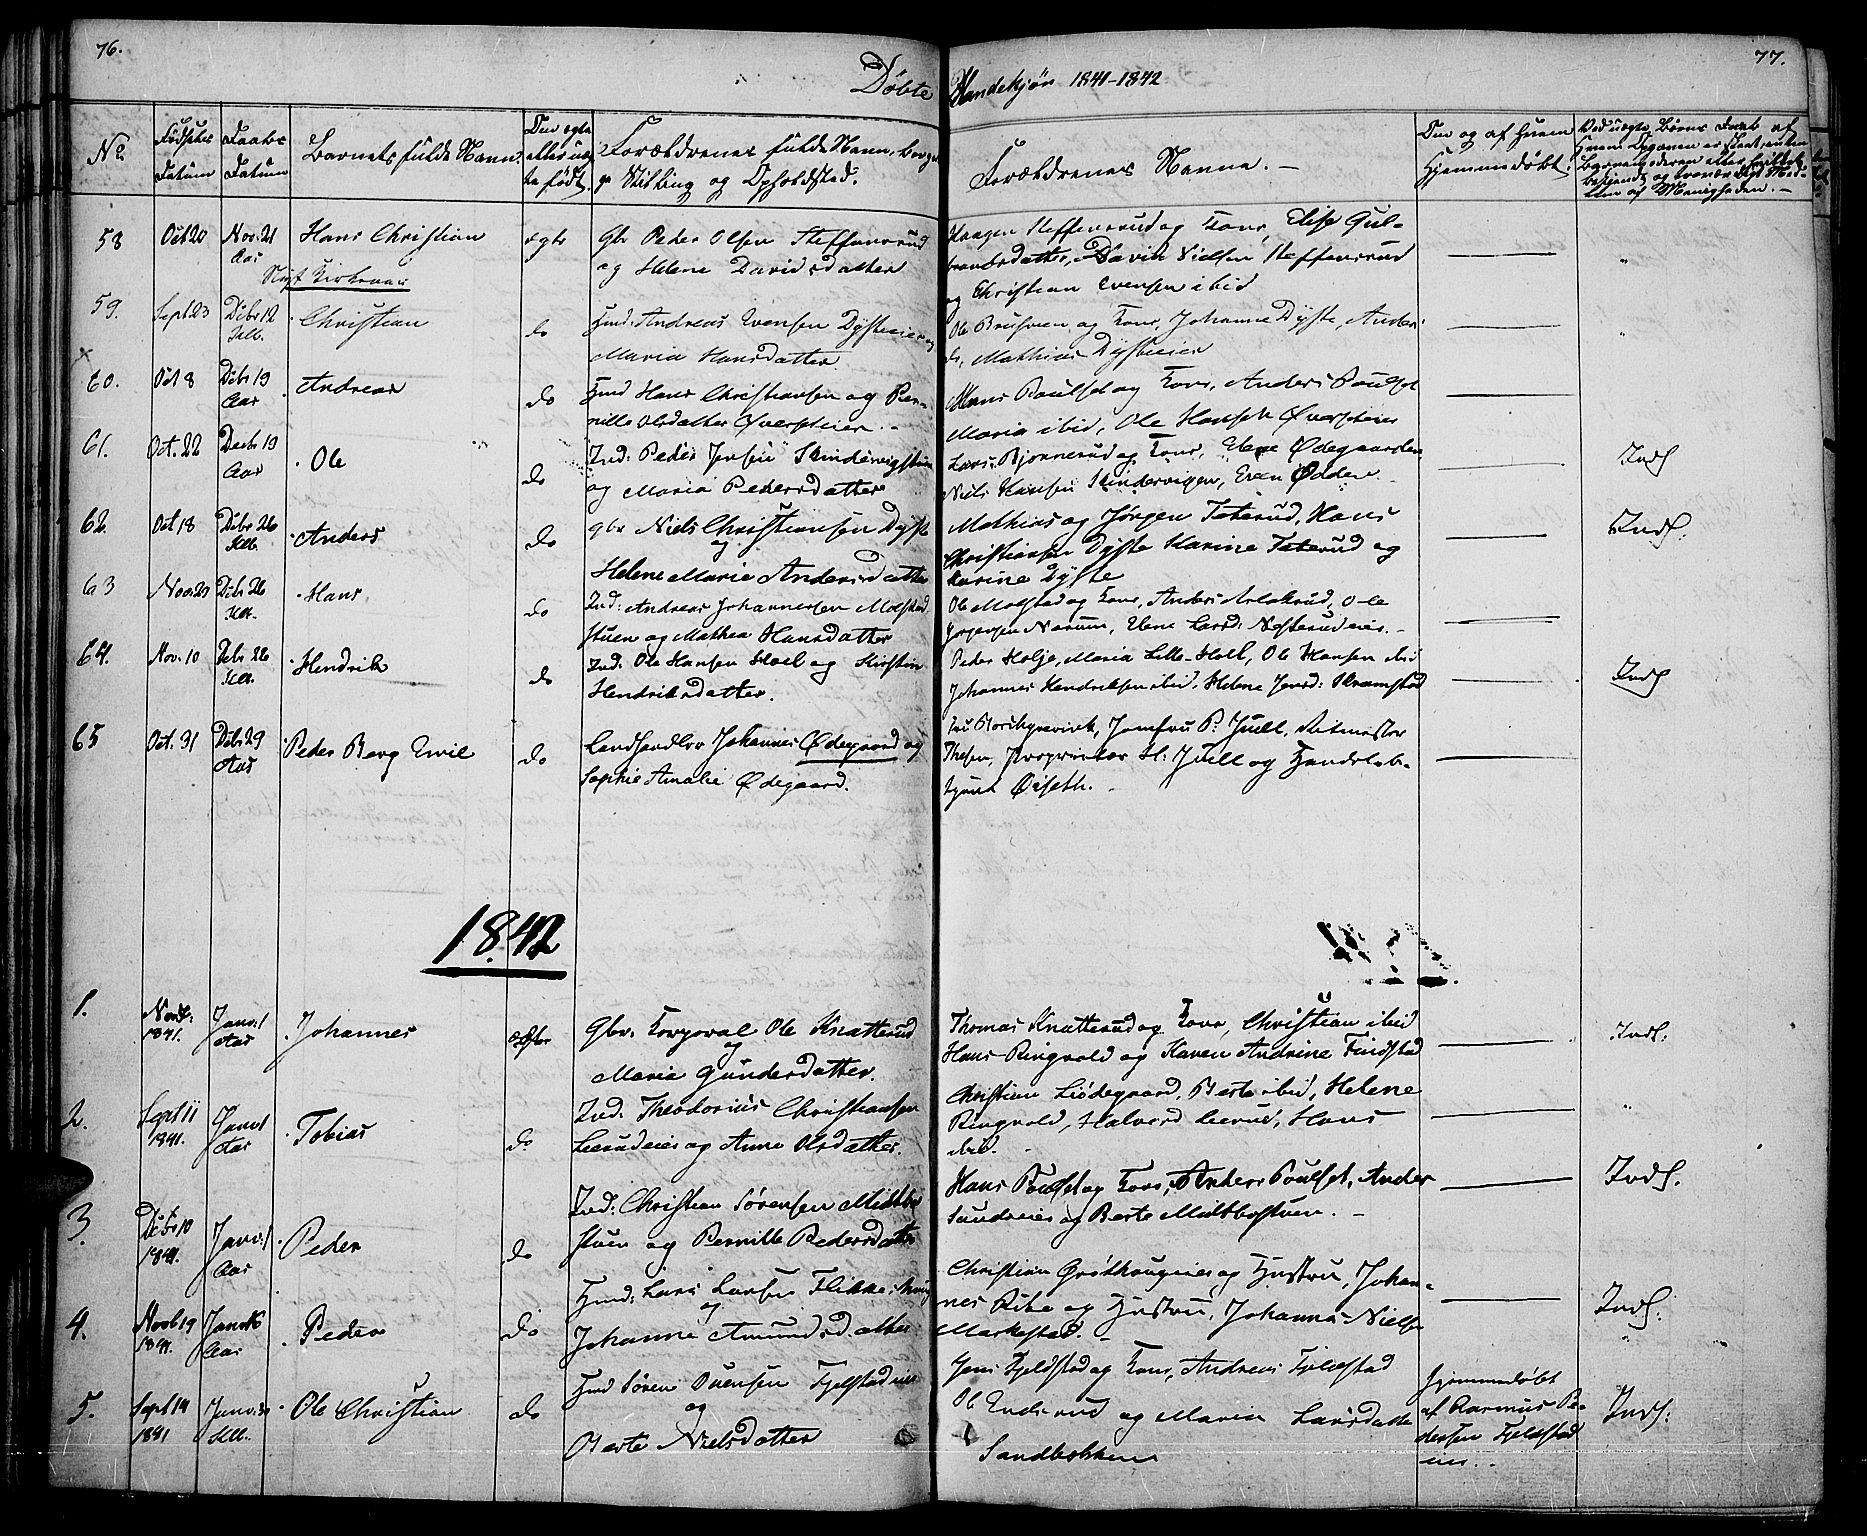 SAH, Vestre Toten prestekontor, Ministerialbok nr. 3, 1836-1843, s. 76-77